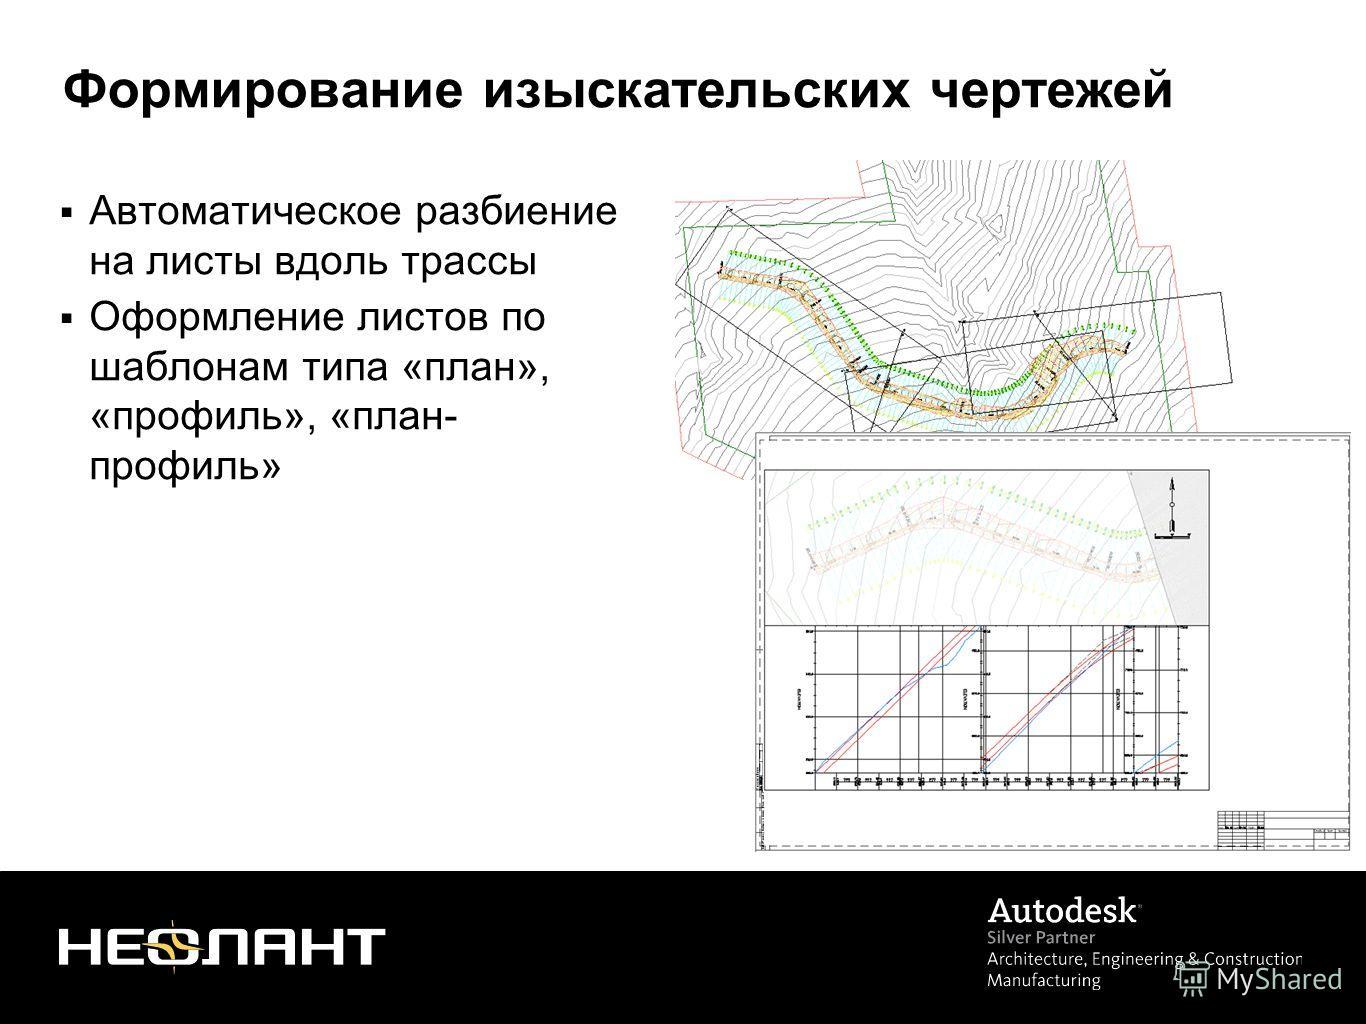 Формирование изыскательских чертежей Автоматическое разбиение на листы вдоль трассы Оформление листов по шаблонам типа «план», «профиль», «план- профиль»